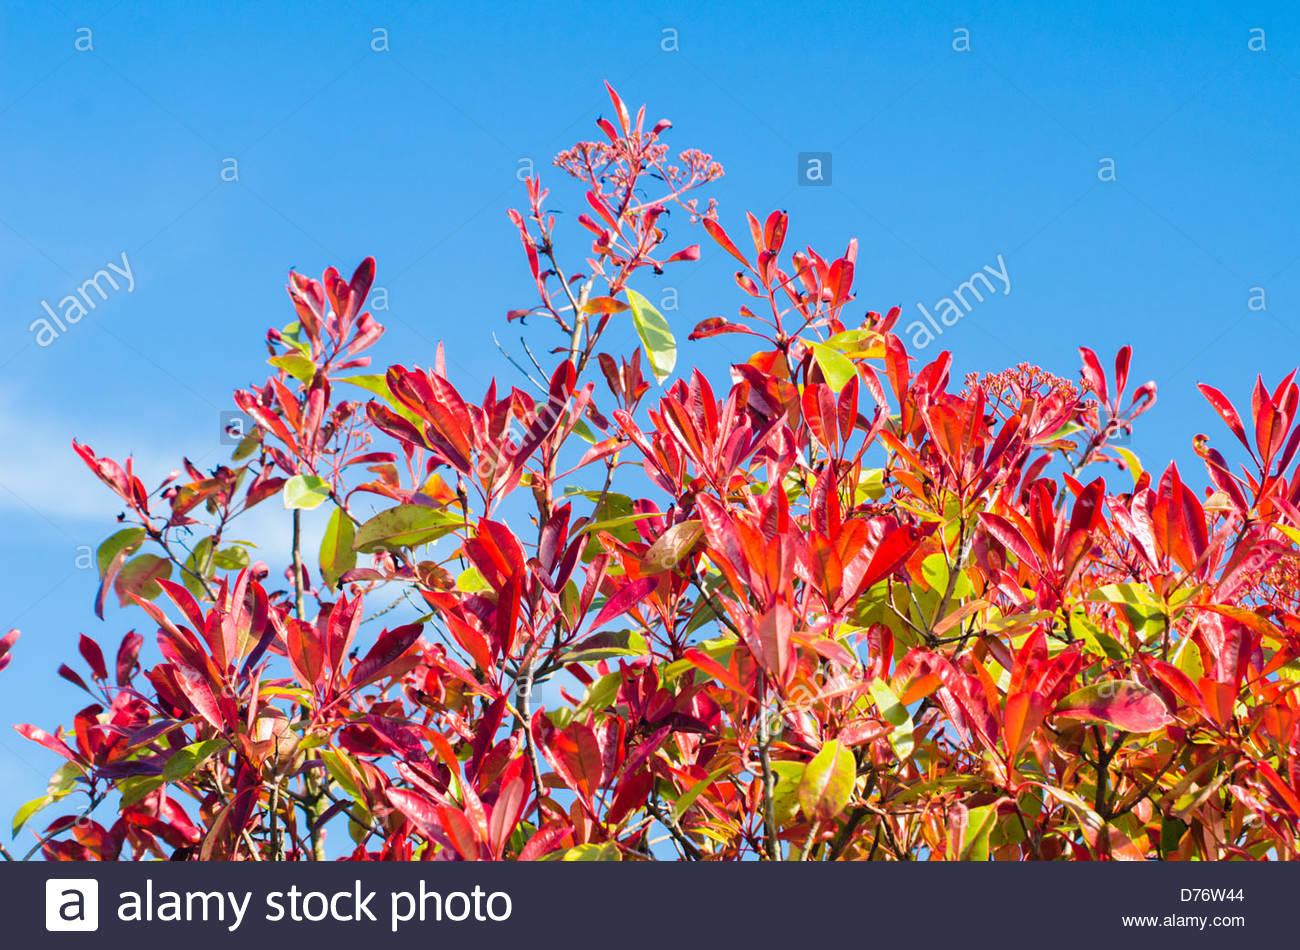 Blätter von einem Red Robin Strauch (Photinia X fraseri) gegen blauen Himmel im Frühjahr. Stockbild